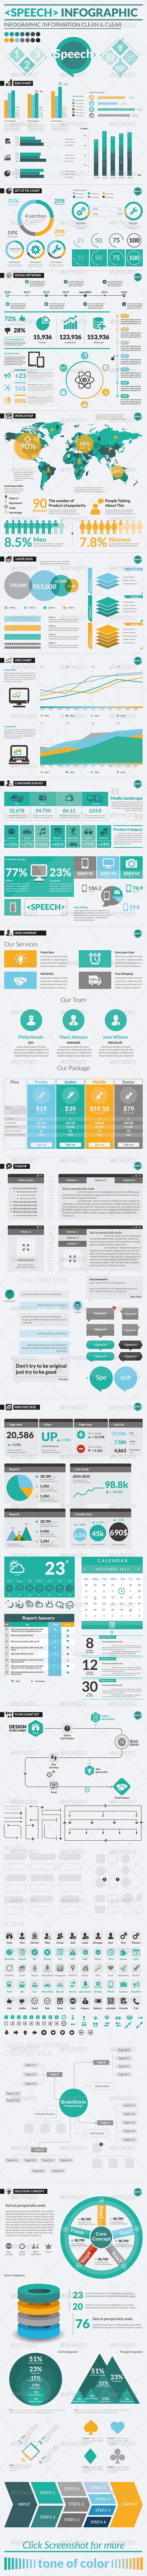 Speech Infographic - Infographics